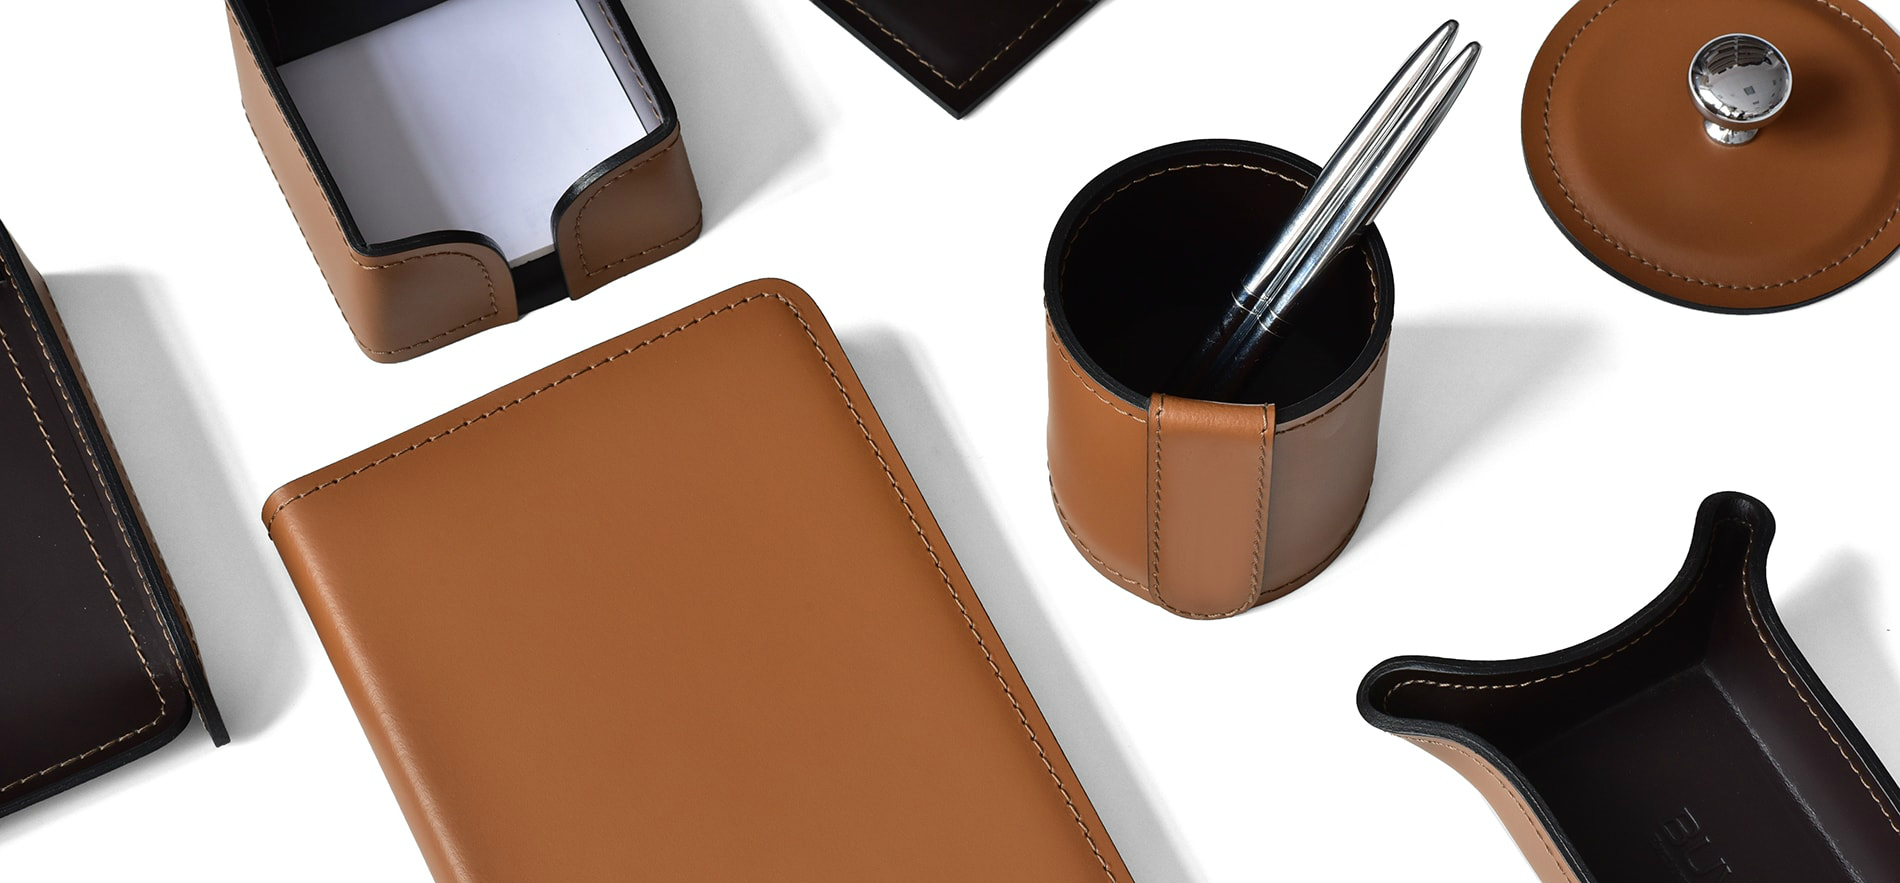 Настольный набор из кожи Cuoietto цвет табак и в сочетании с кожей цвет шоколад